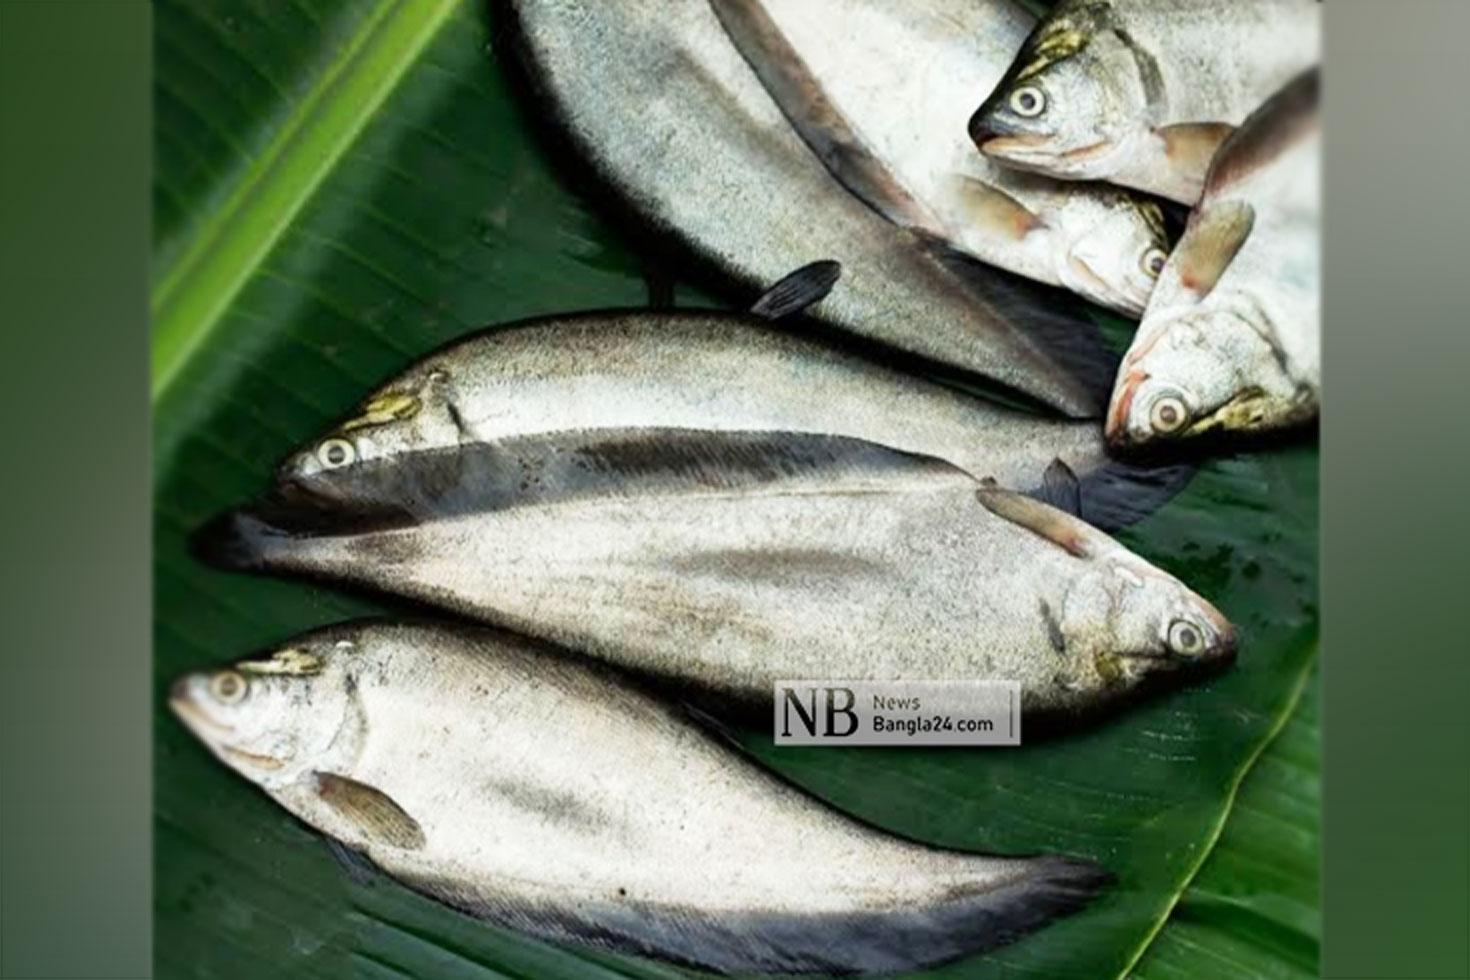 বিজ্ঞানীদের গবেষণা: পাতে ফিরছে দেশীয় মাছ